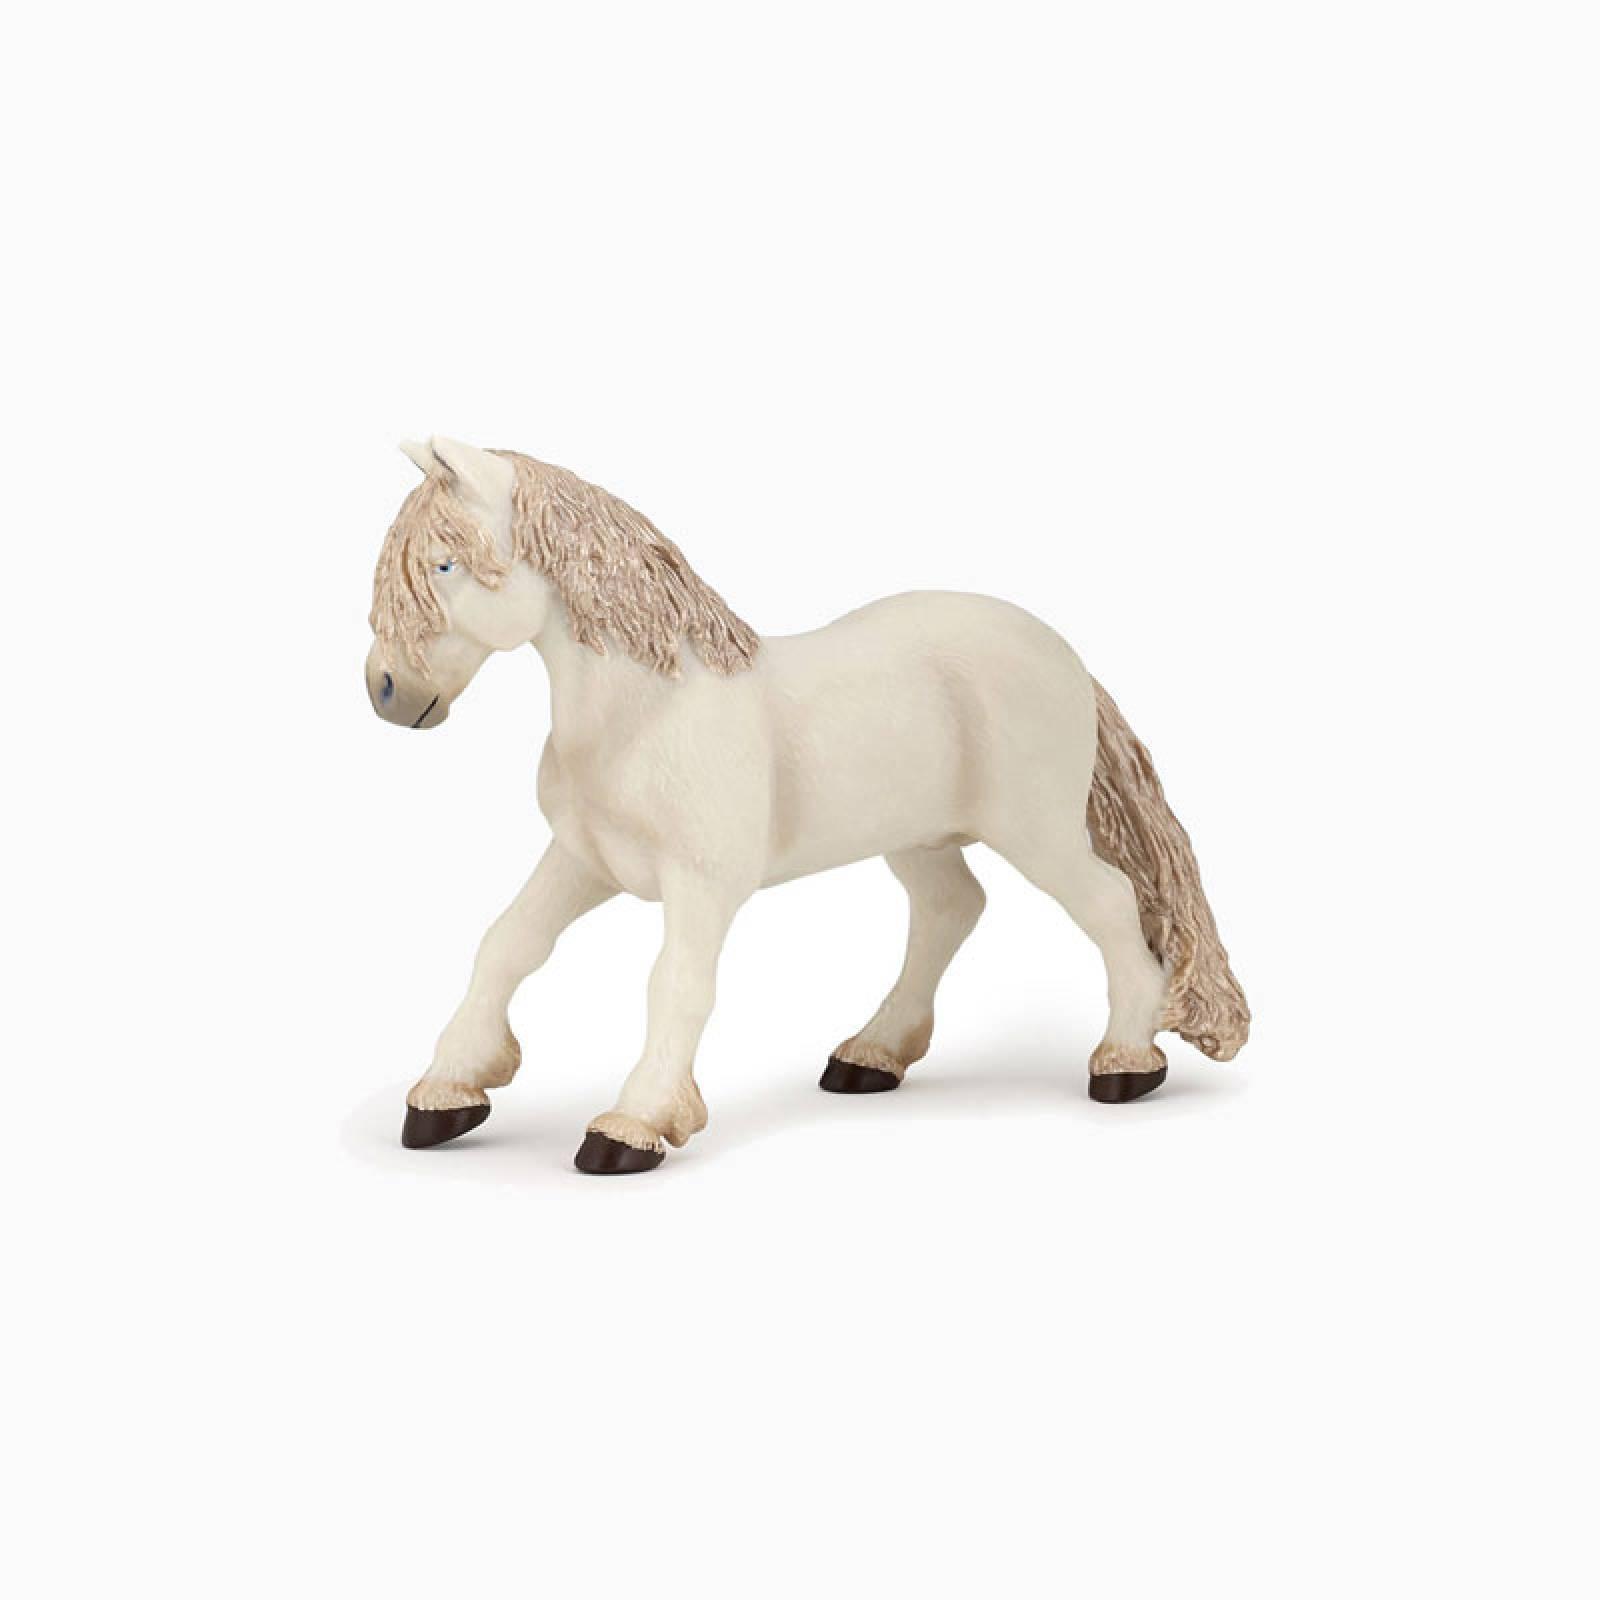 Fairy Pony Figure By Papo